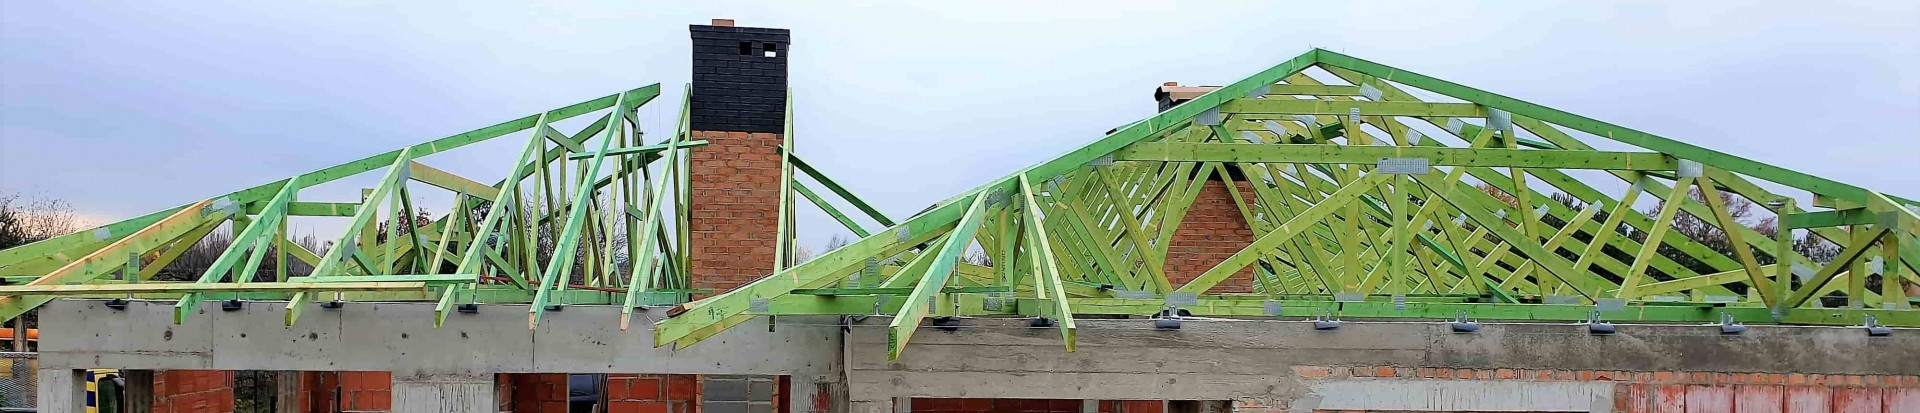 Wiązarowa konstrukcja dachu domu jednorodzinnego w Łodzi, przy ul. Świętokrzyskiej